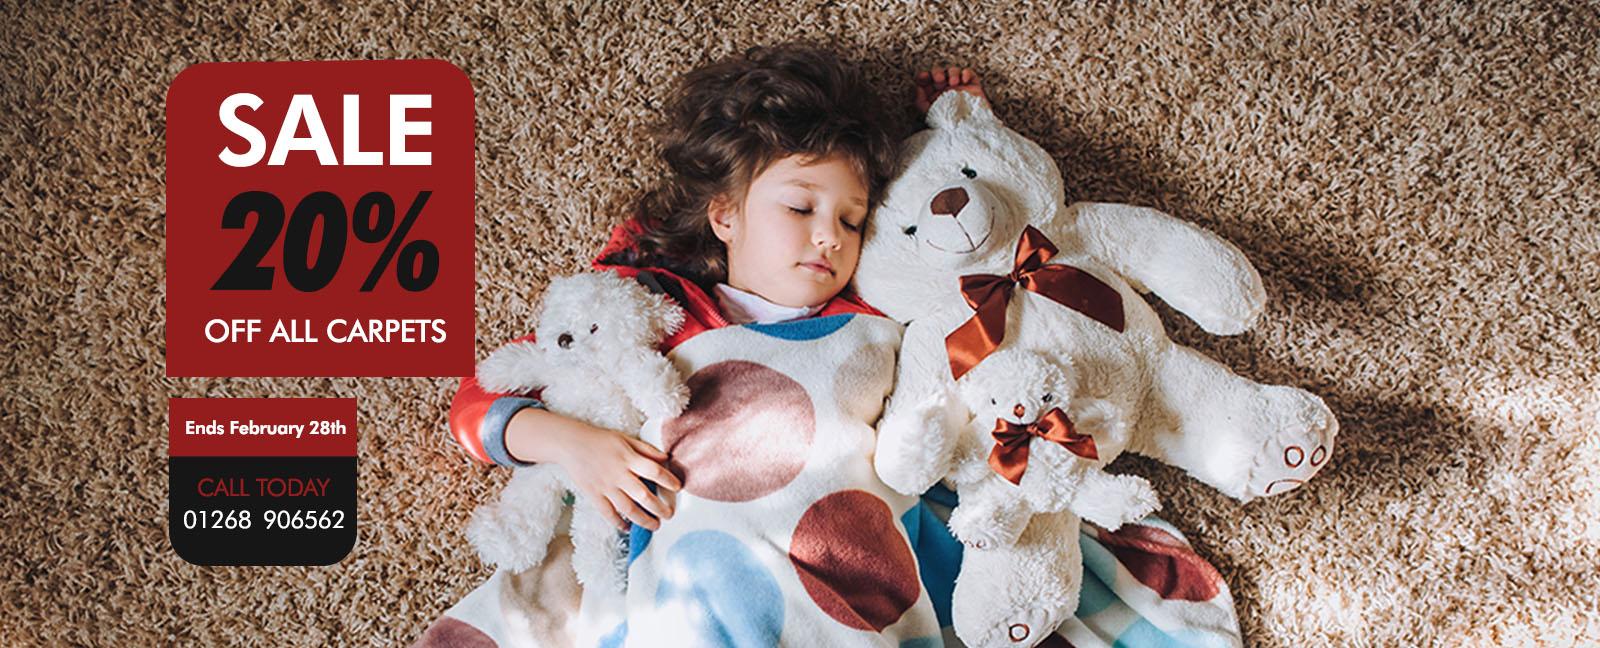 LCF 20% off Carpets Promo Winter 2019